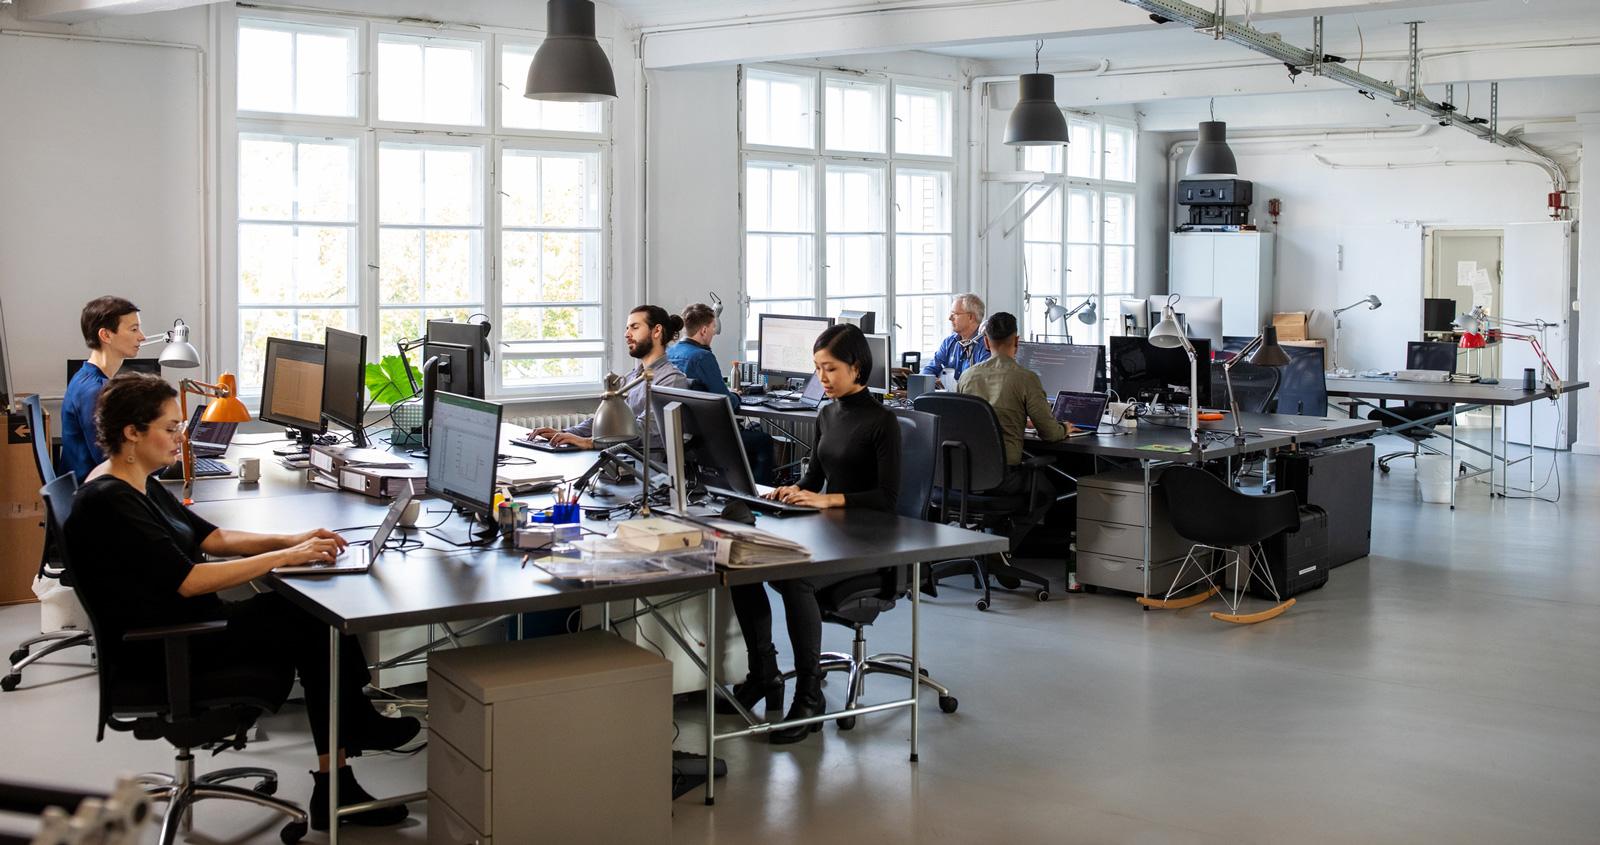 Bildschirmarbeit im Unternehmen: Software und Speicherplatz werden zunehmend gemietet.